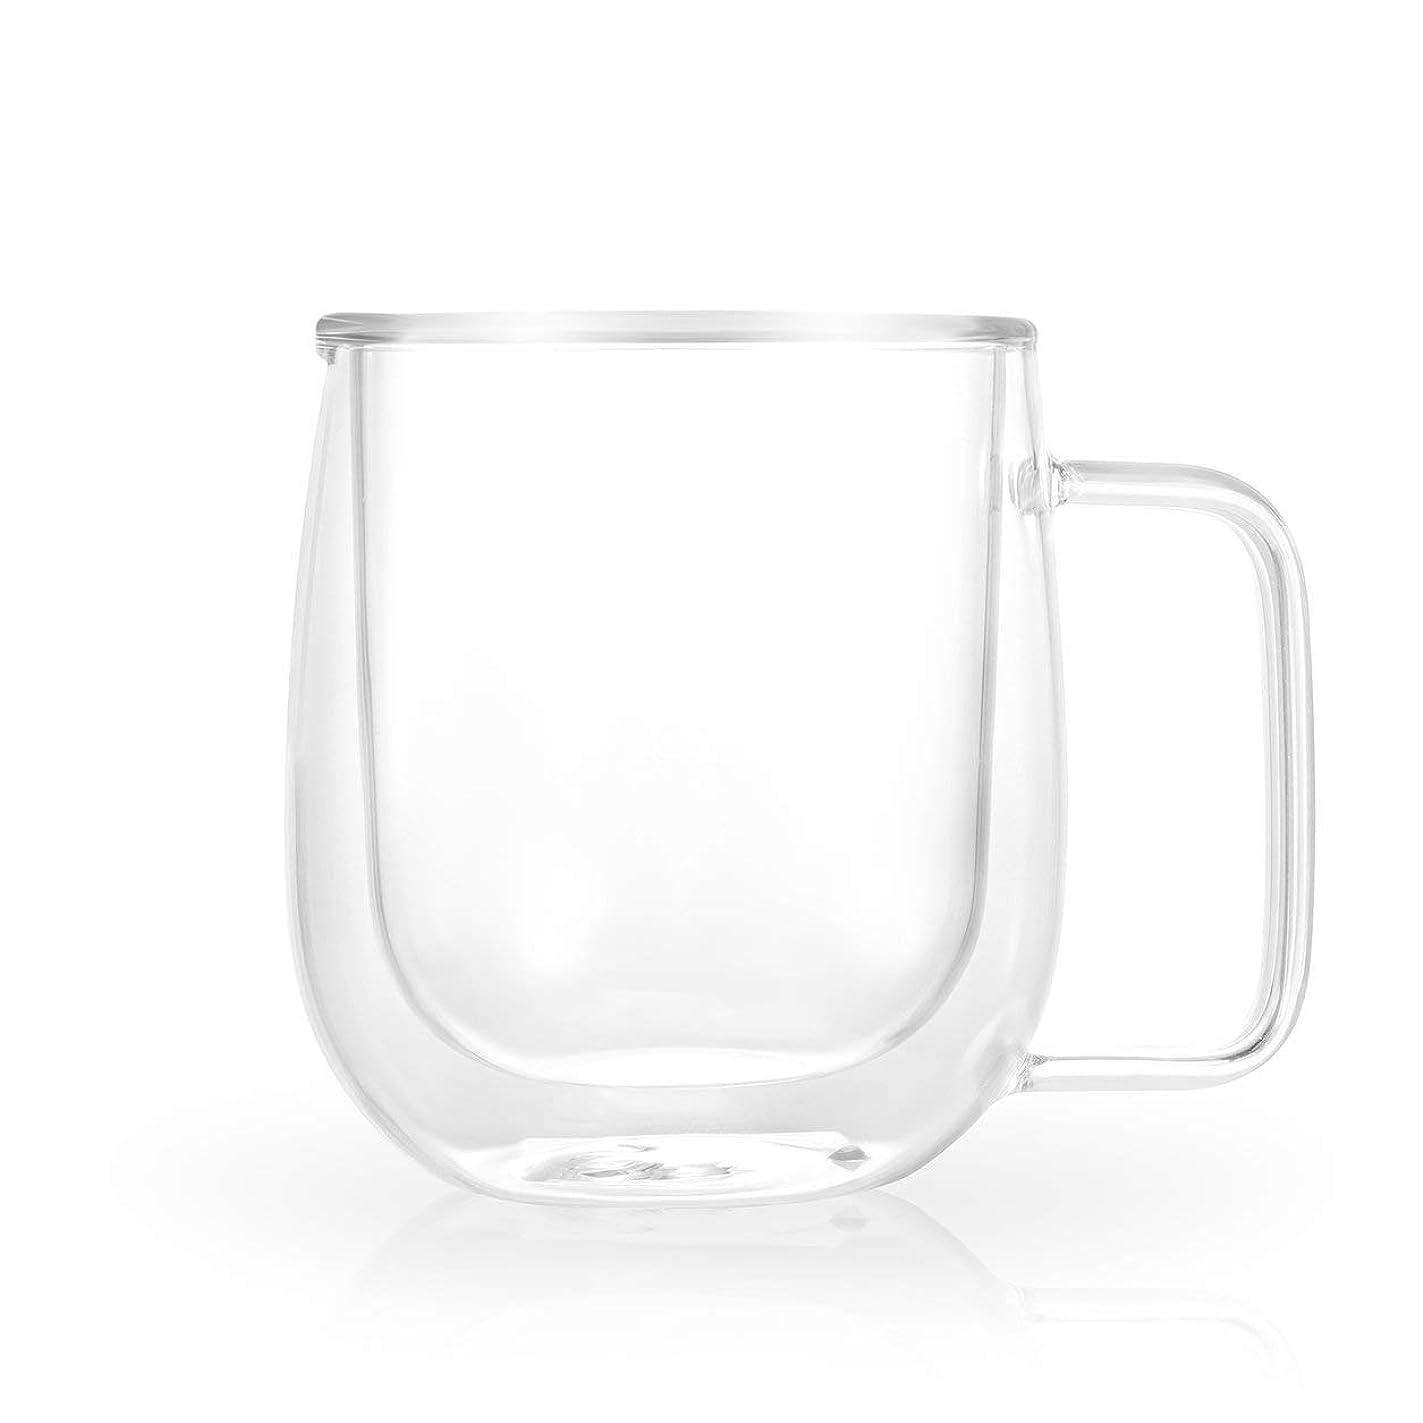 霧深い宇宙船奴隷Saikogoods 透明な二層ガラスのティー耐熱カップコーヒーマグカップ断熱健康グレートギフトを飲みます トランスペアレント